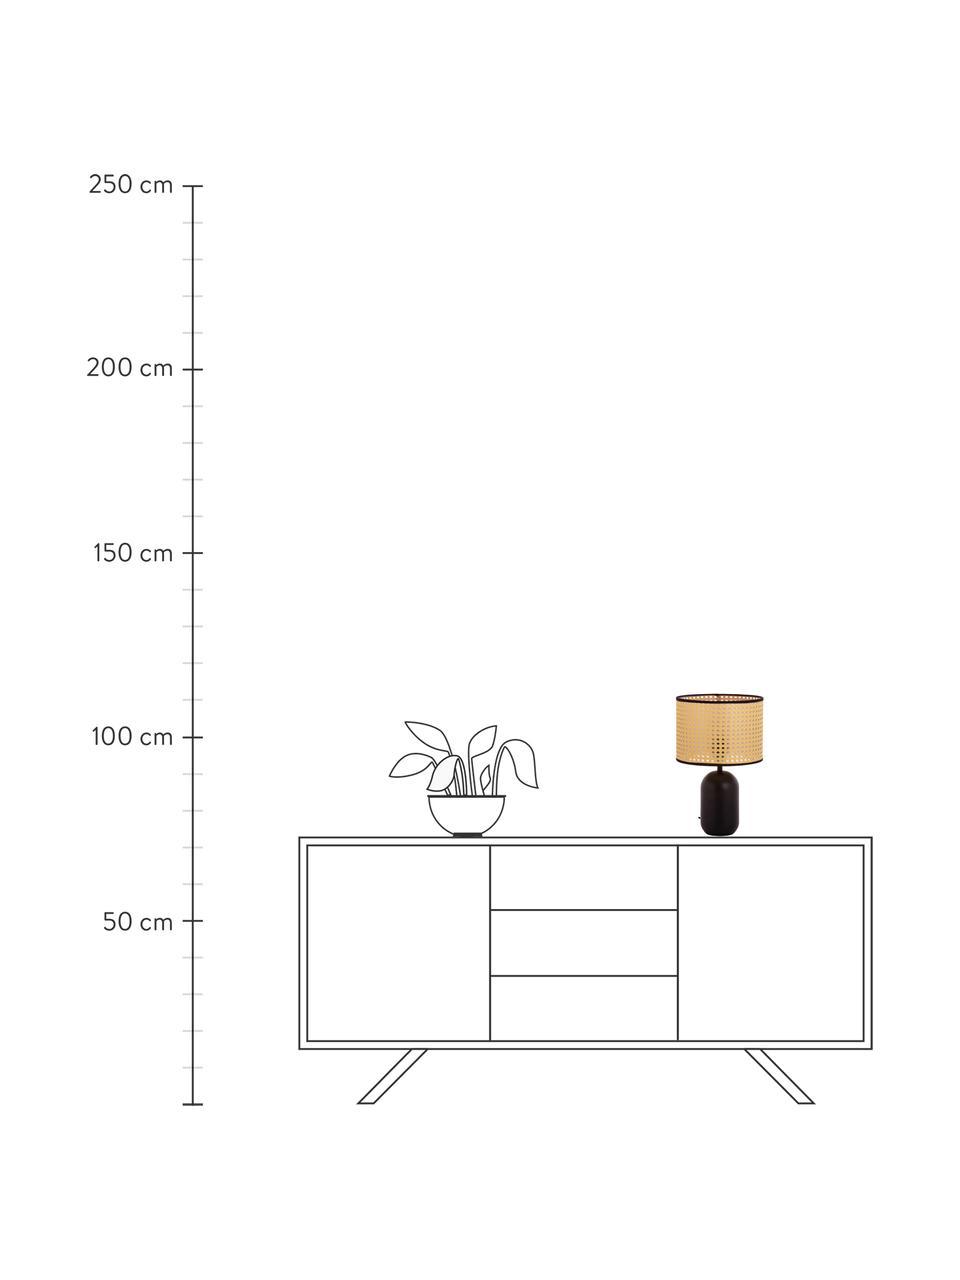 Lampa stołowa z plecionki wiedeńskiej Vienna, Klosz: beżowy, czarny Podstawa lampy: czarny, matowy Kabel: czarny, Ø 25 x W 39 cm